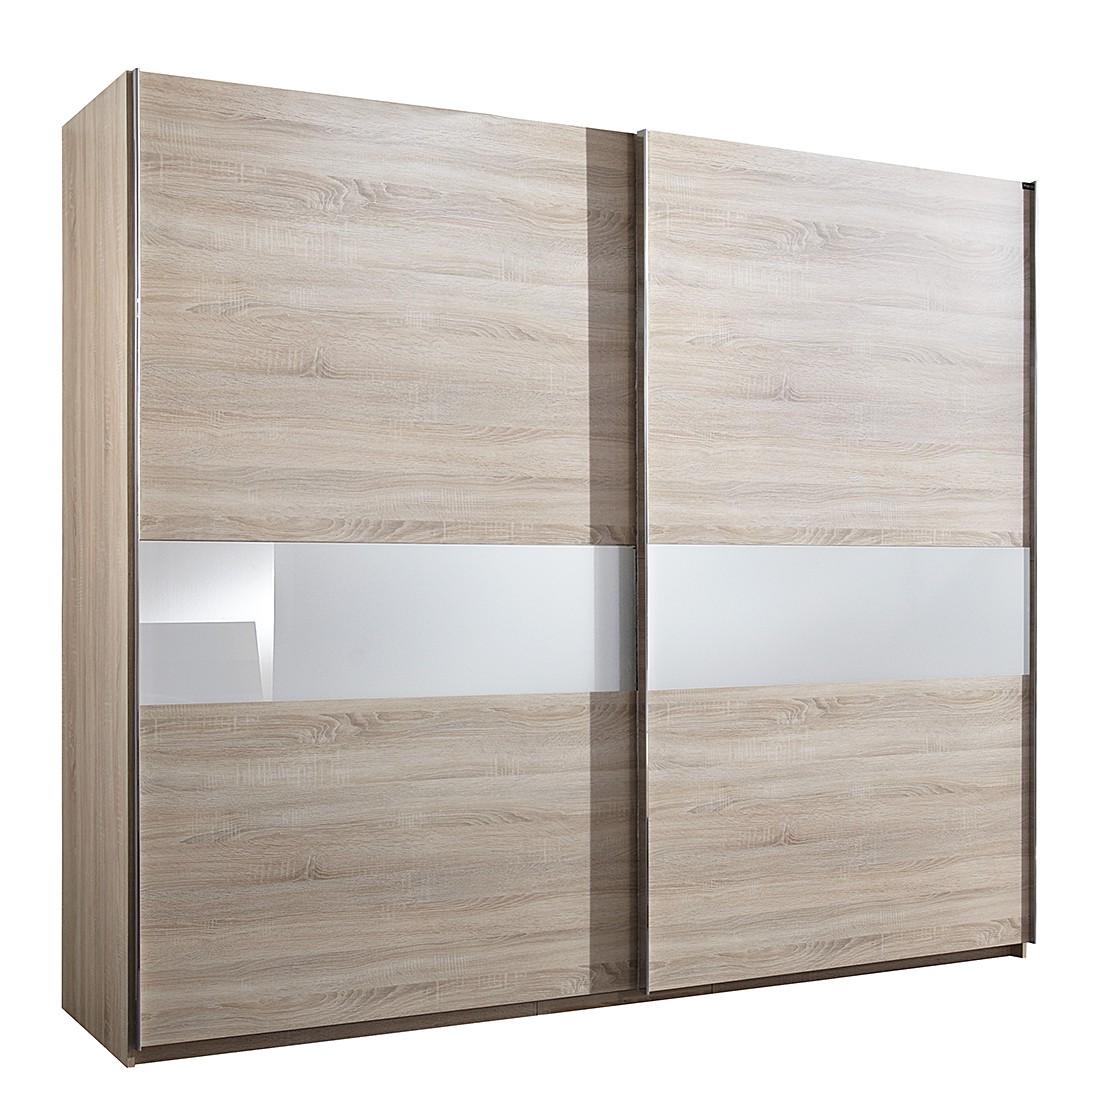 schwebet renschrank add on c eiche s gerau dekor glas sahara grau schrankbreite 150 cm 2. Black Bedroom Furniture Sets. Home Design Ideas